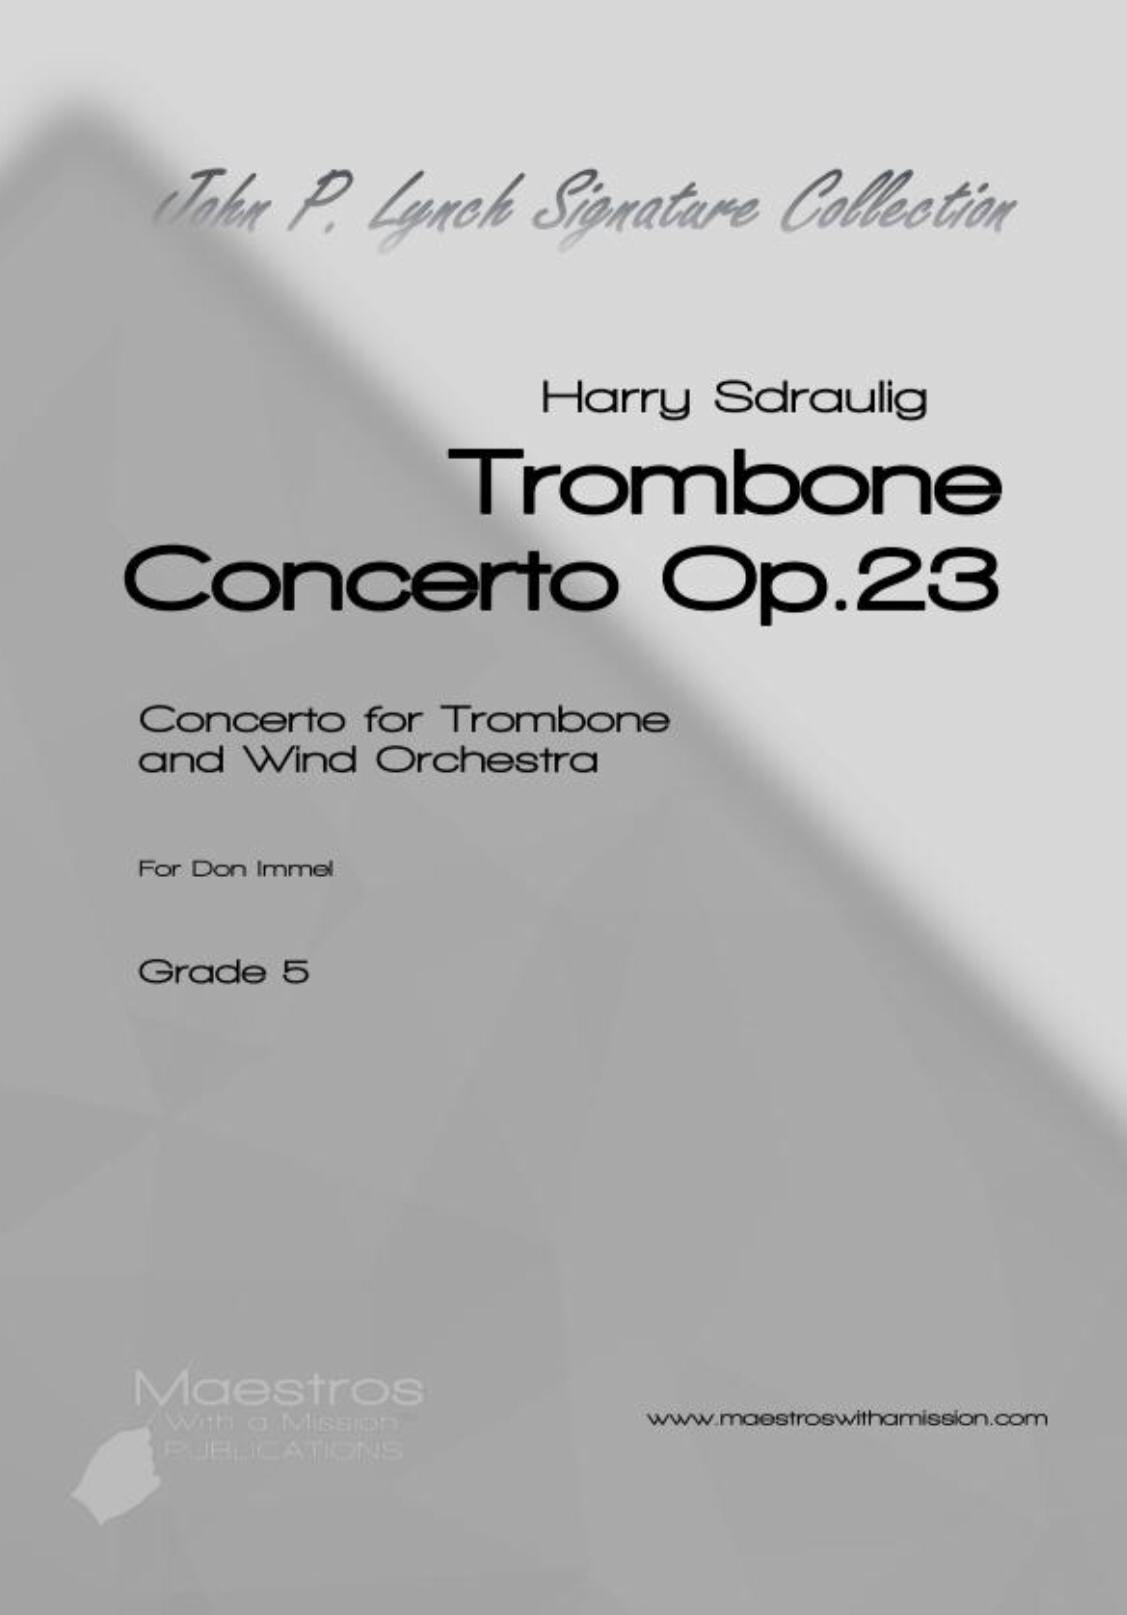 Trombone Concerto, Op. 23 by Harry Sdraulig